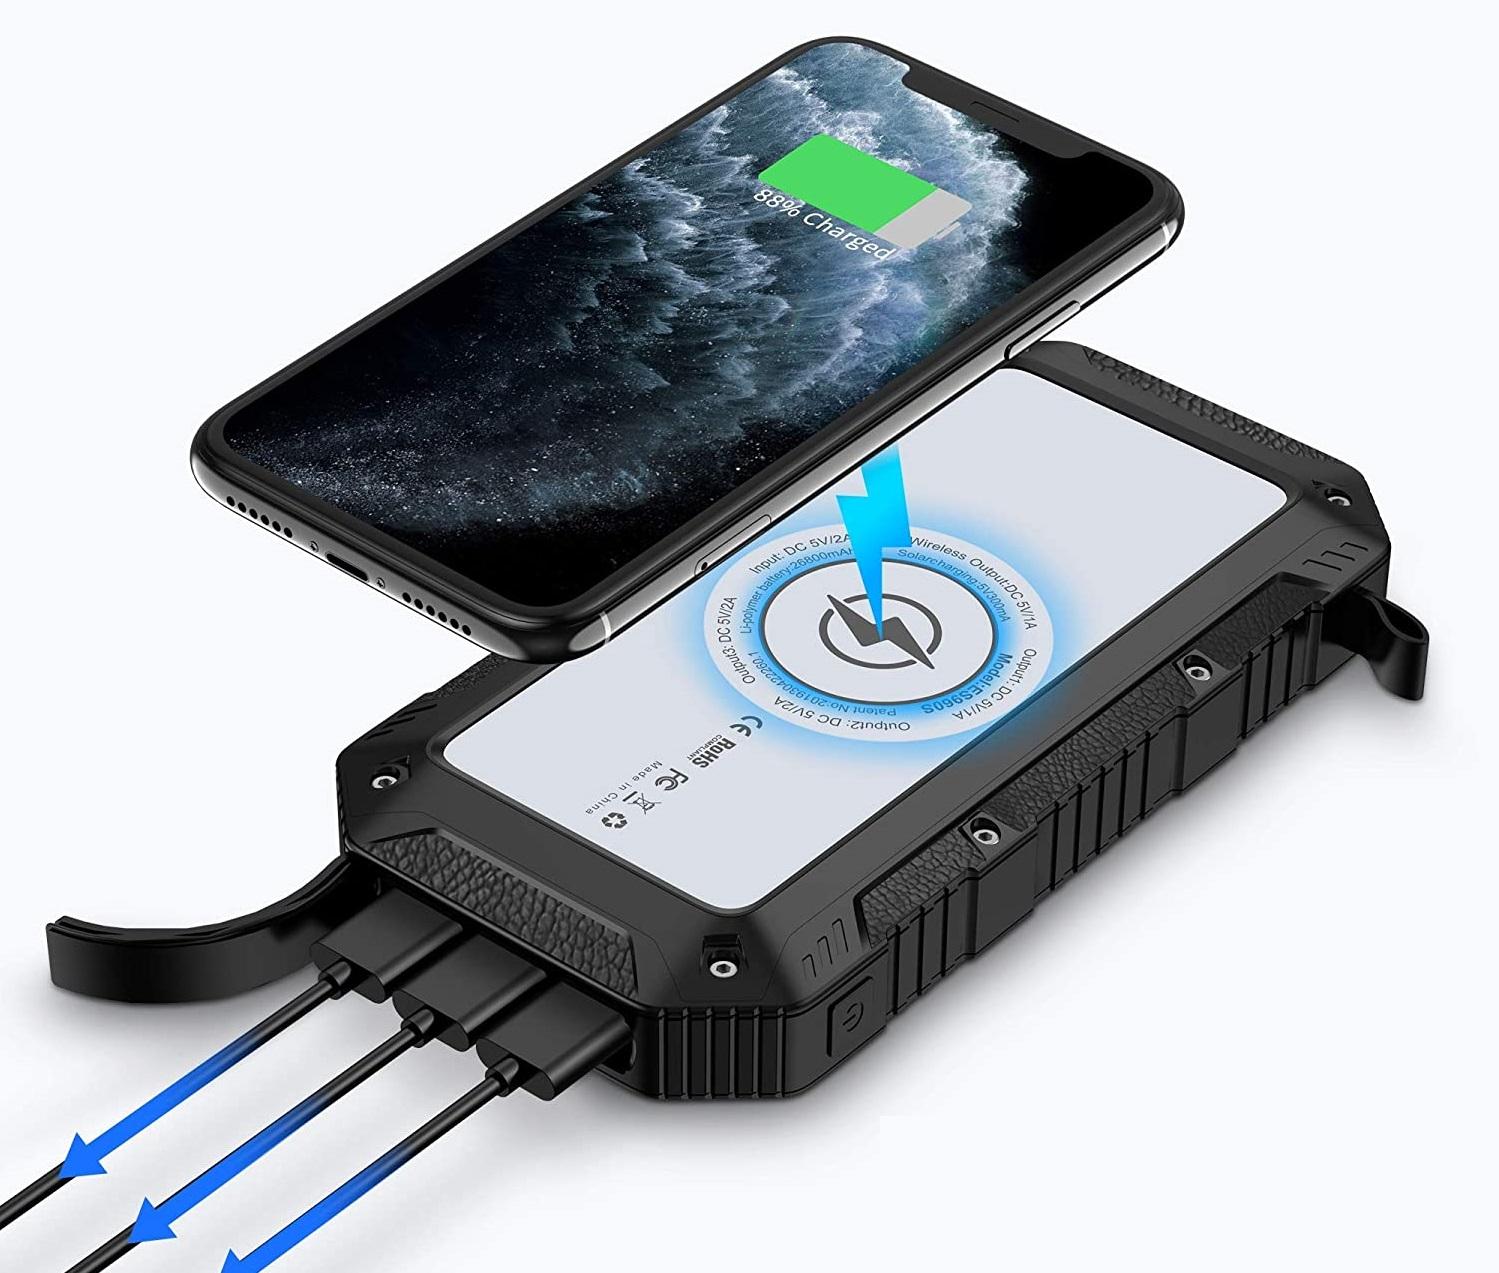 Certains chargeurs solaires de poche proposent également la possibilité de recharger un smartphone par induction